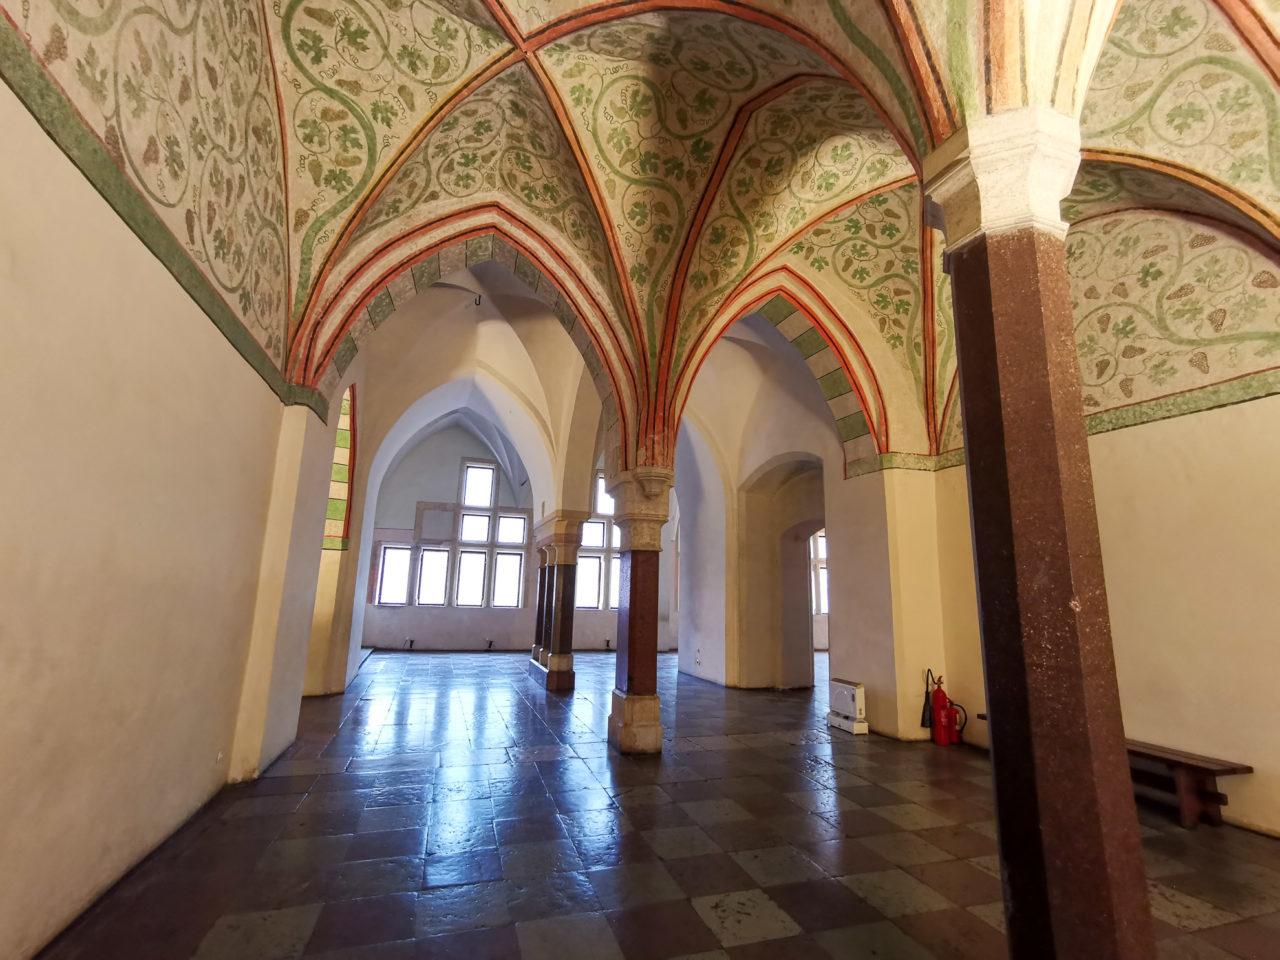 2020-10-09_11-45-42_Marienburg_IMG_20201009_114538-1600